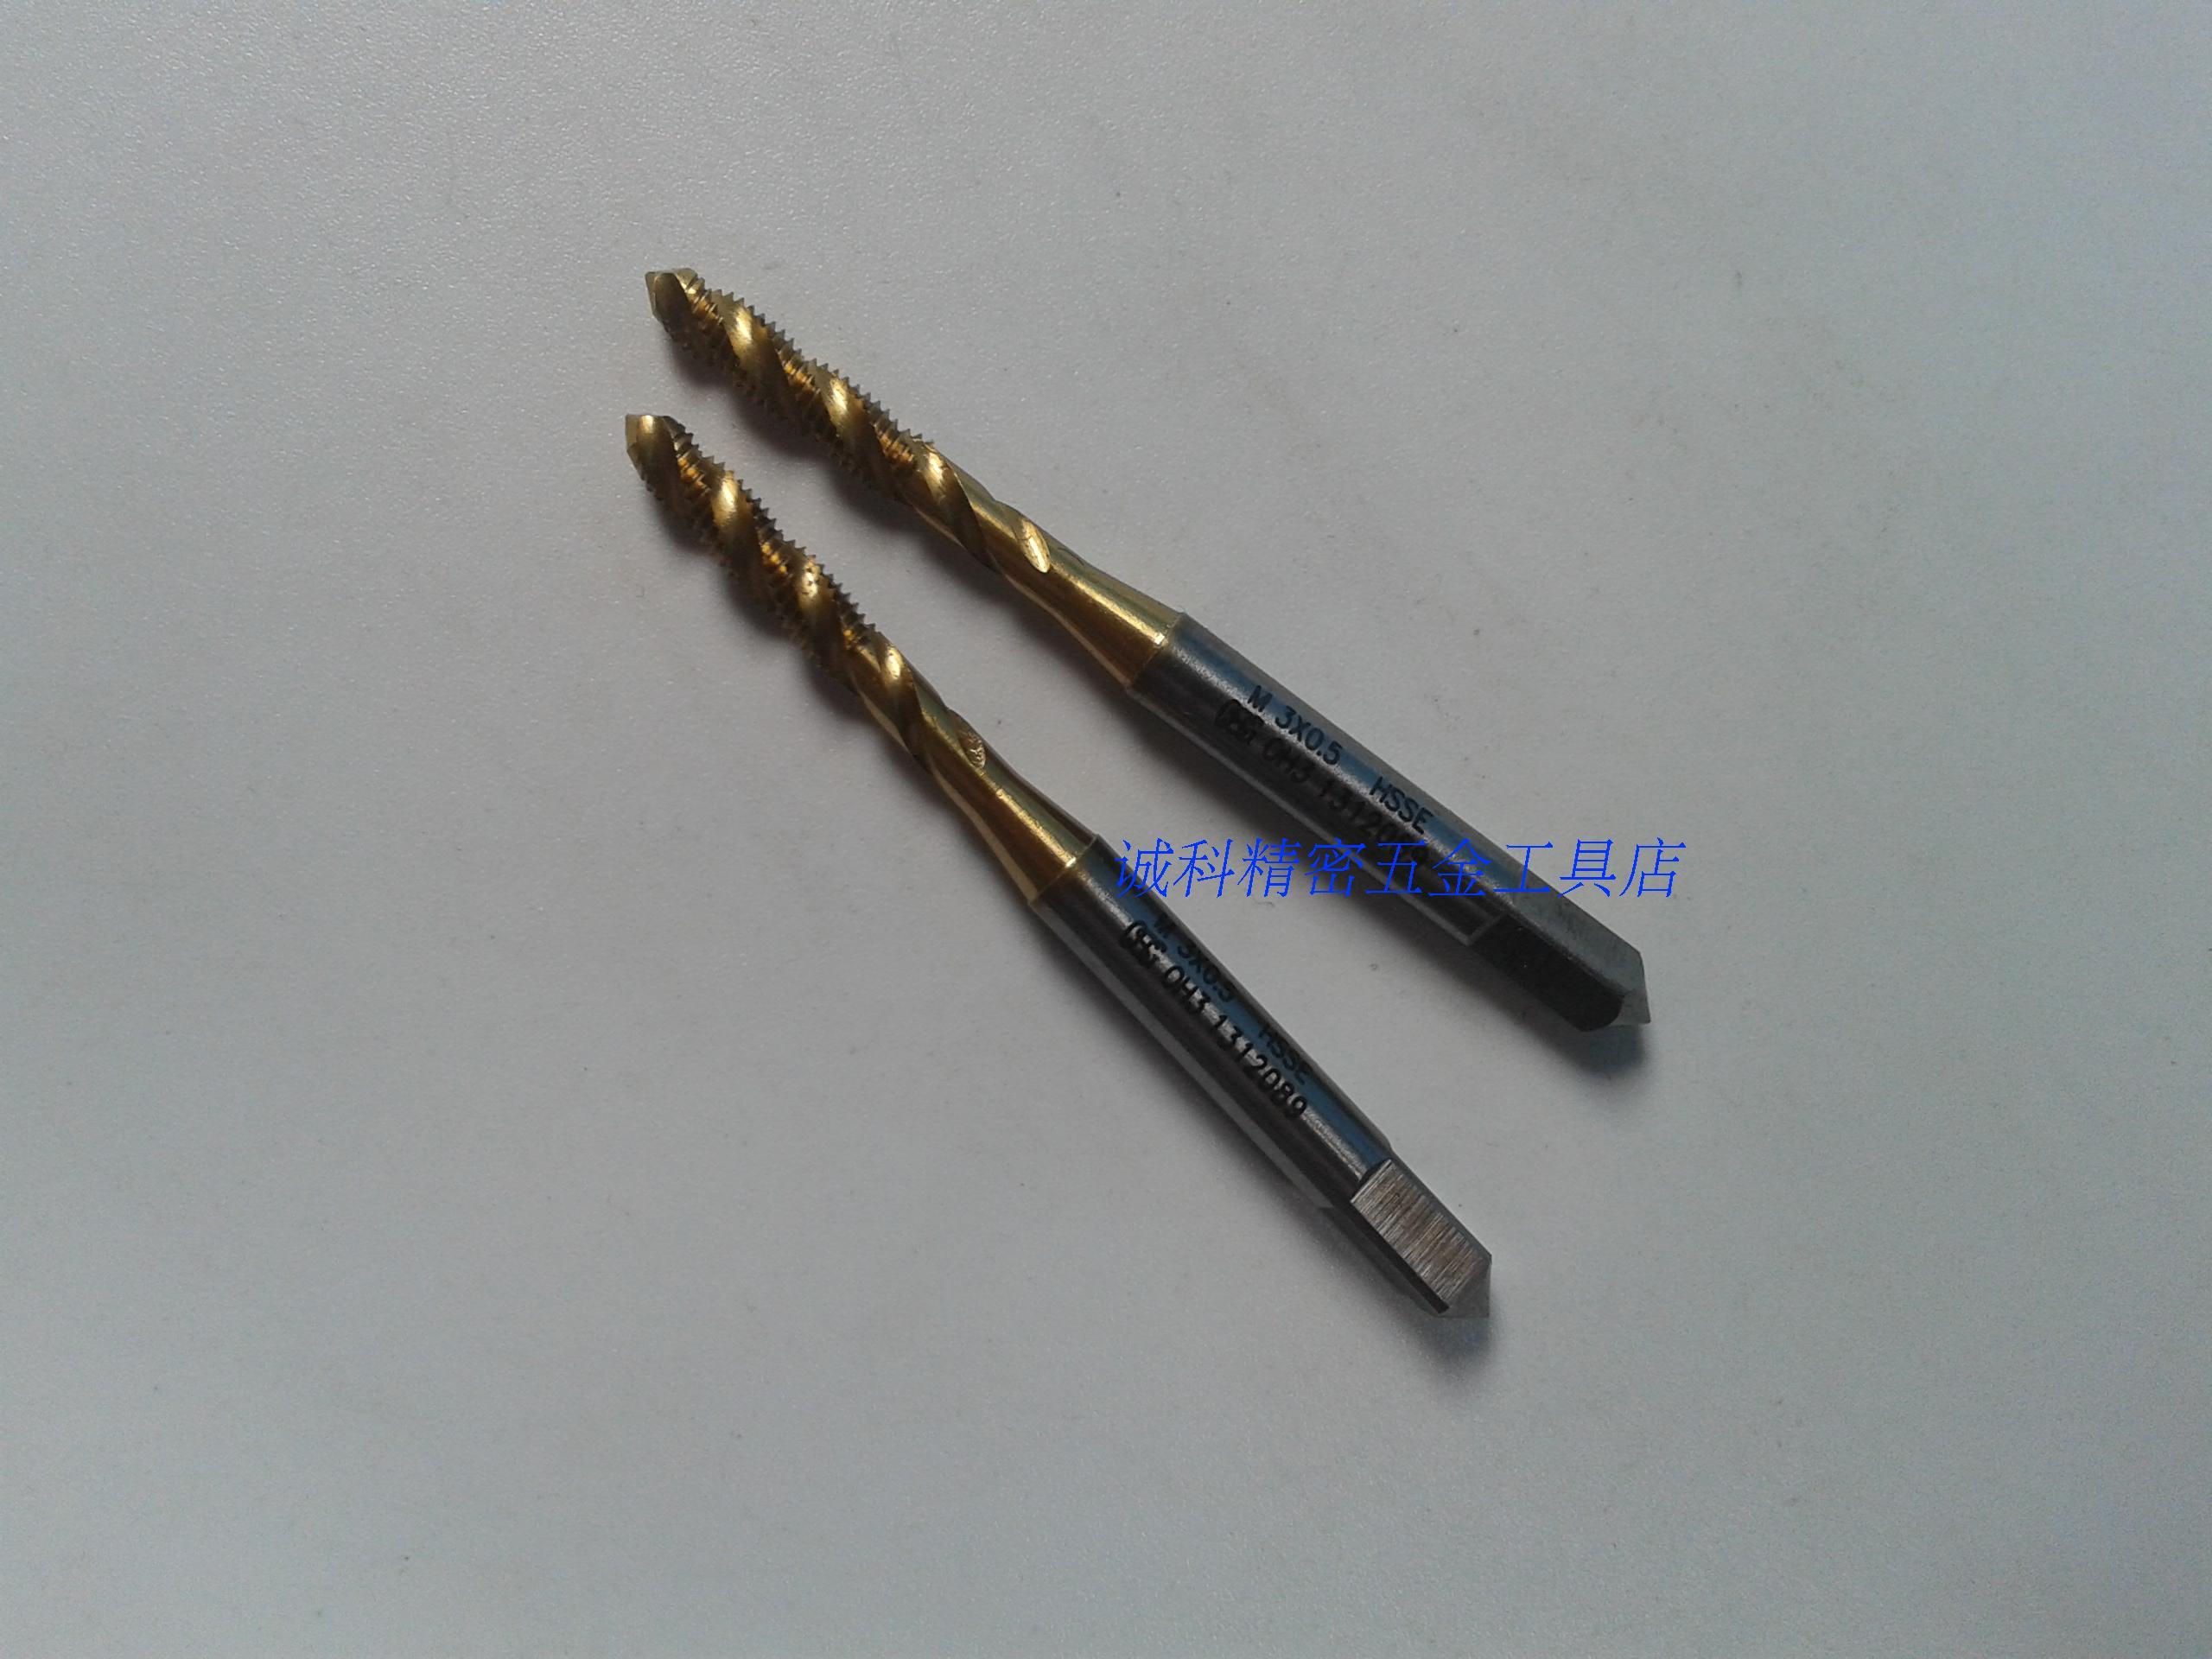 Japan OSG titanium screw tapping cone M1.2M1.6M1.7M1.8M245678910M12M3X0.35